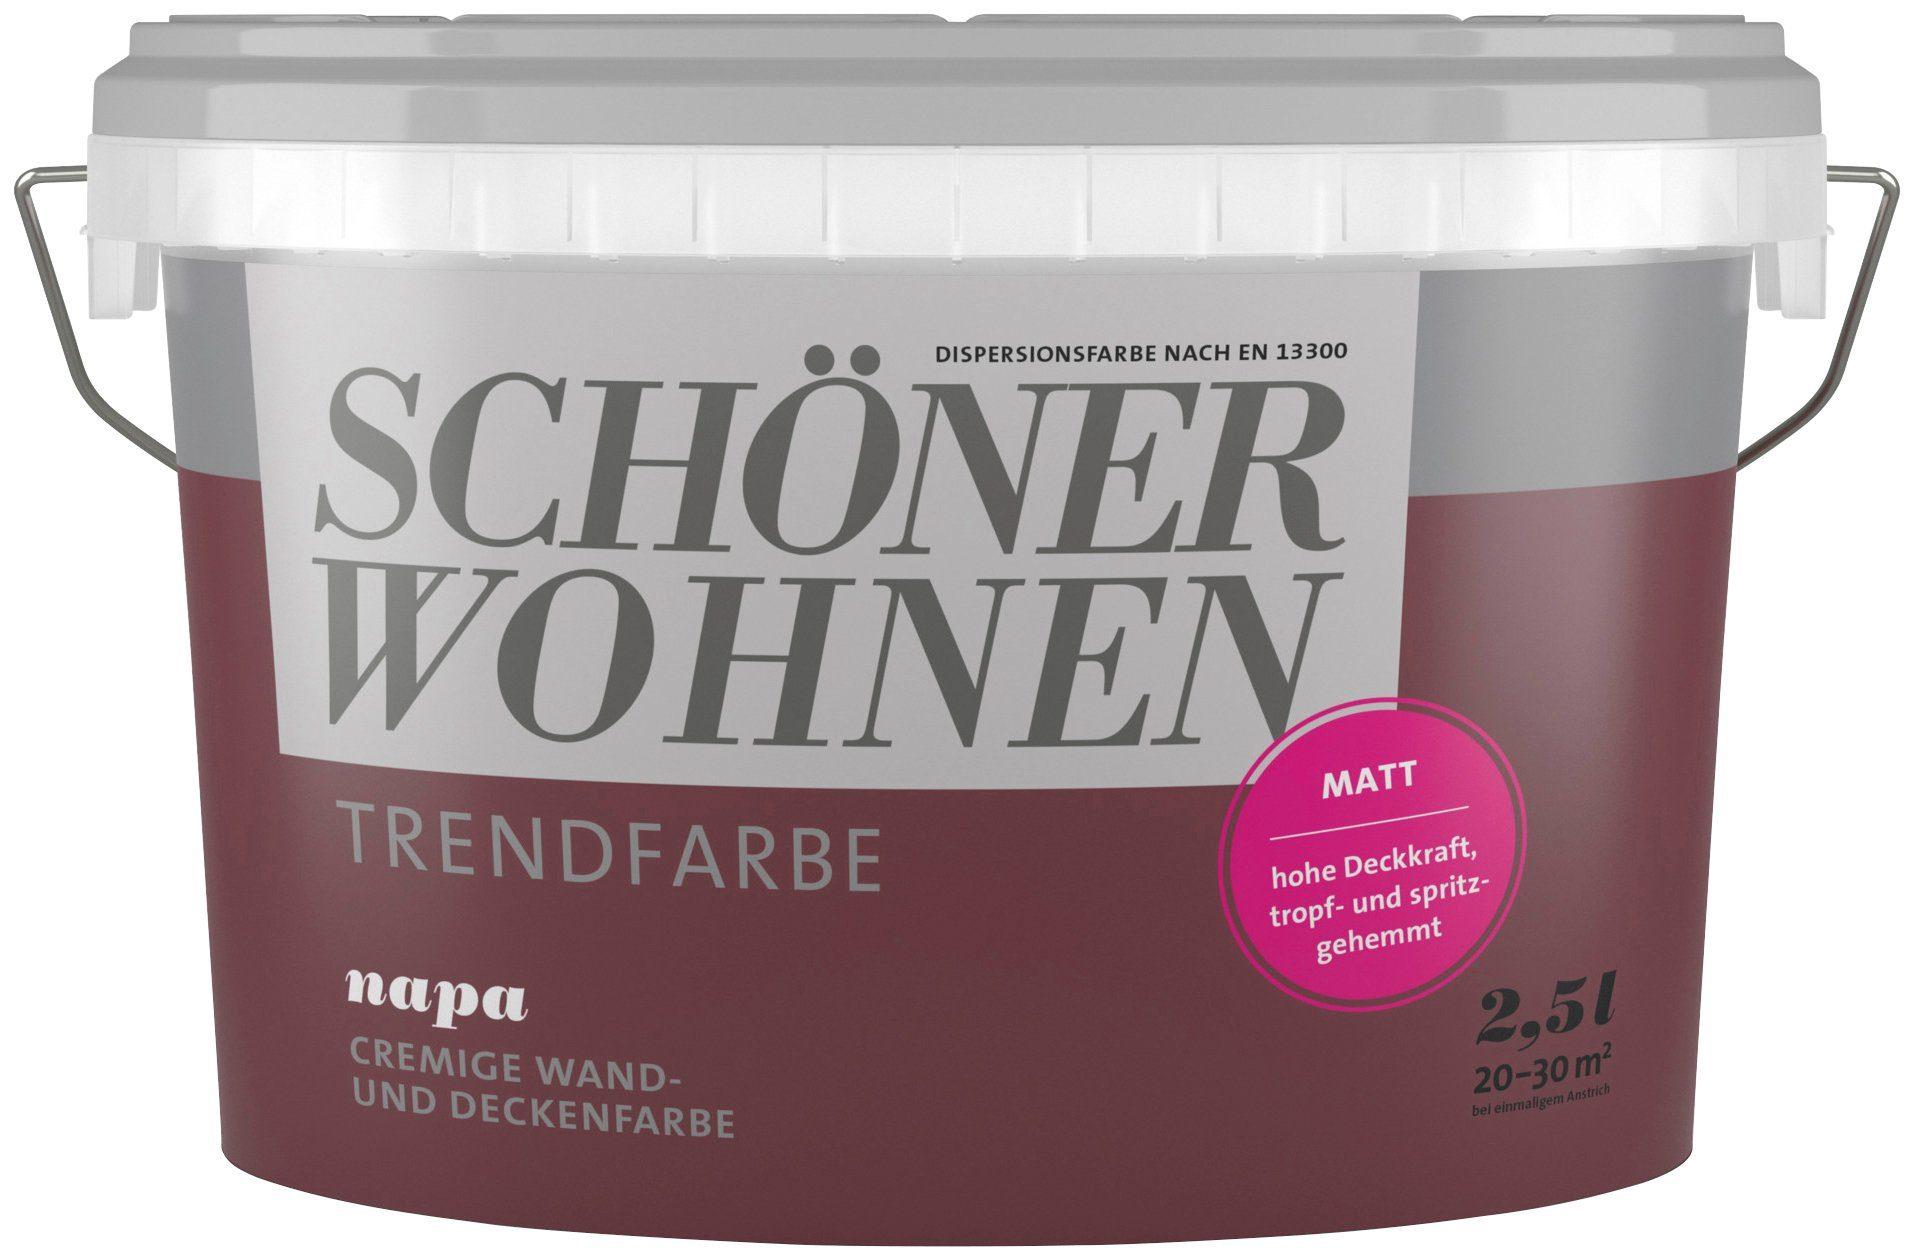 SCHÖNER WOHNEN FARBE Wand- und Deckenfarbe »Trendfarbe Napa, matt«, 2,5 l